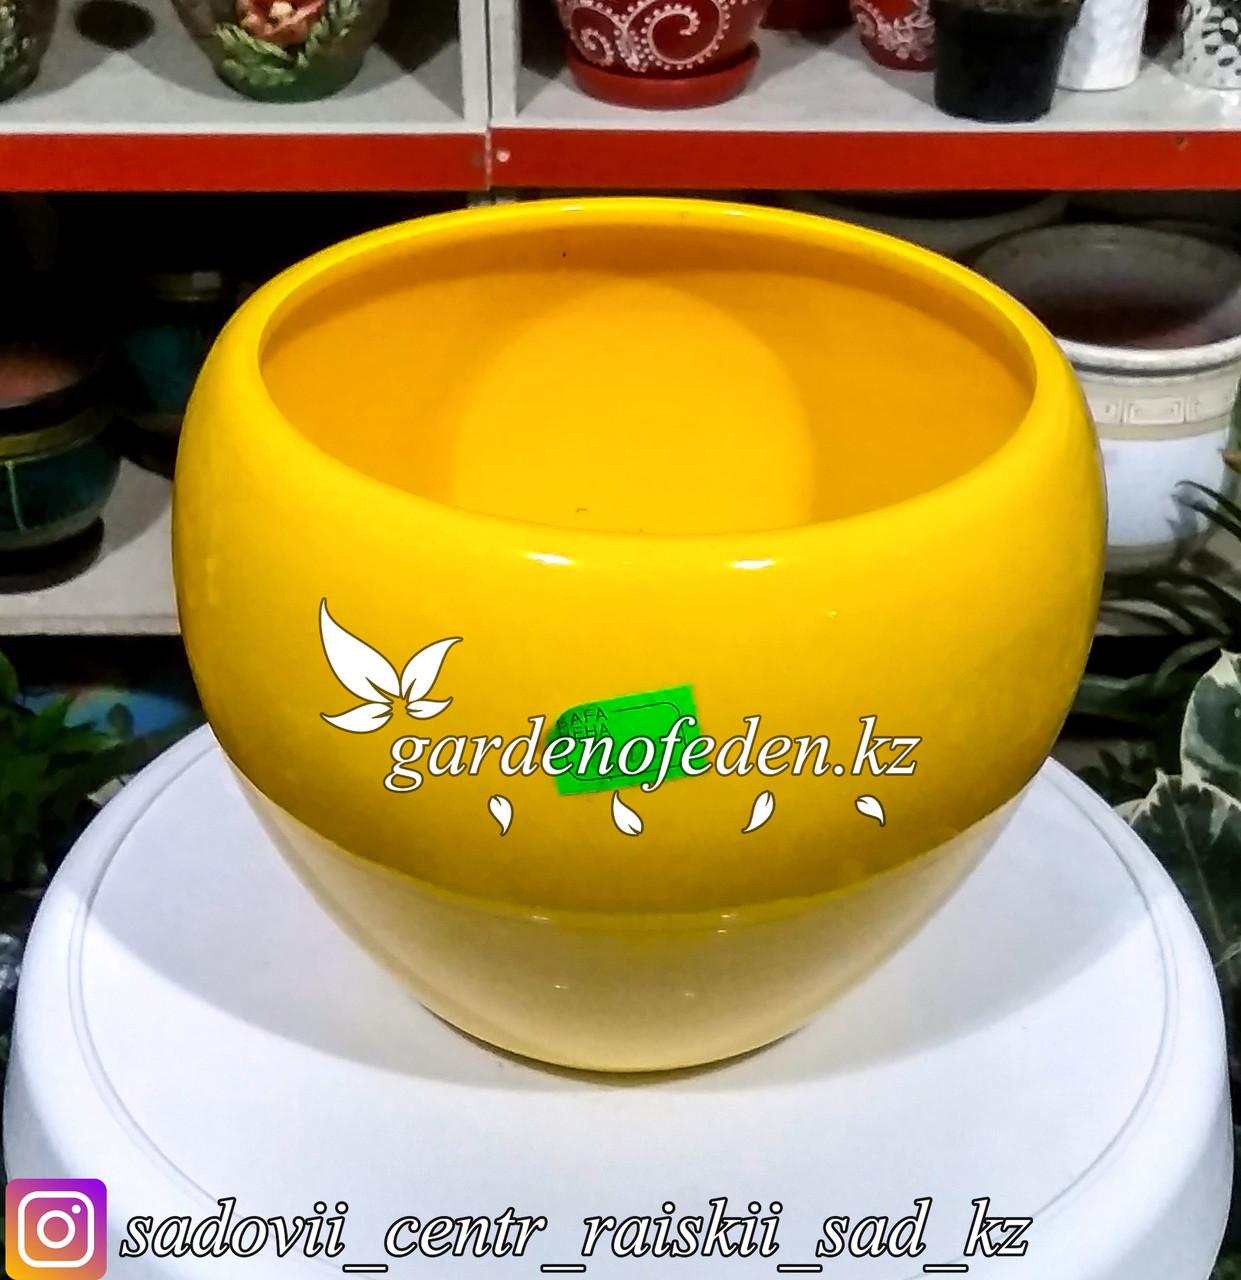 Керамический горшок для цветов. Объем: 3л. Цвет: Желтый.